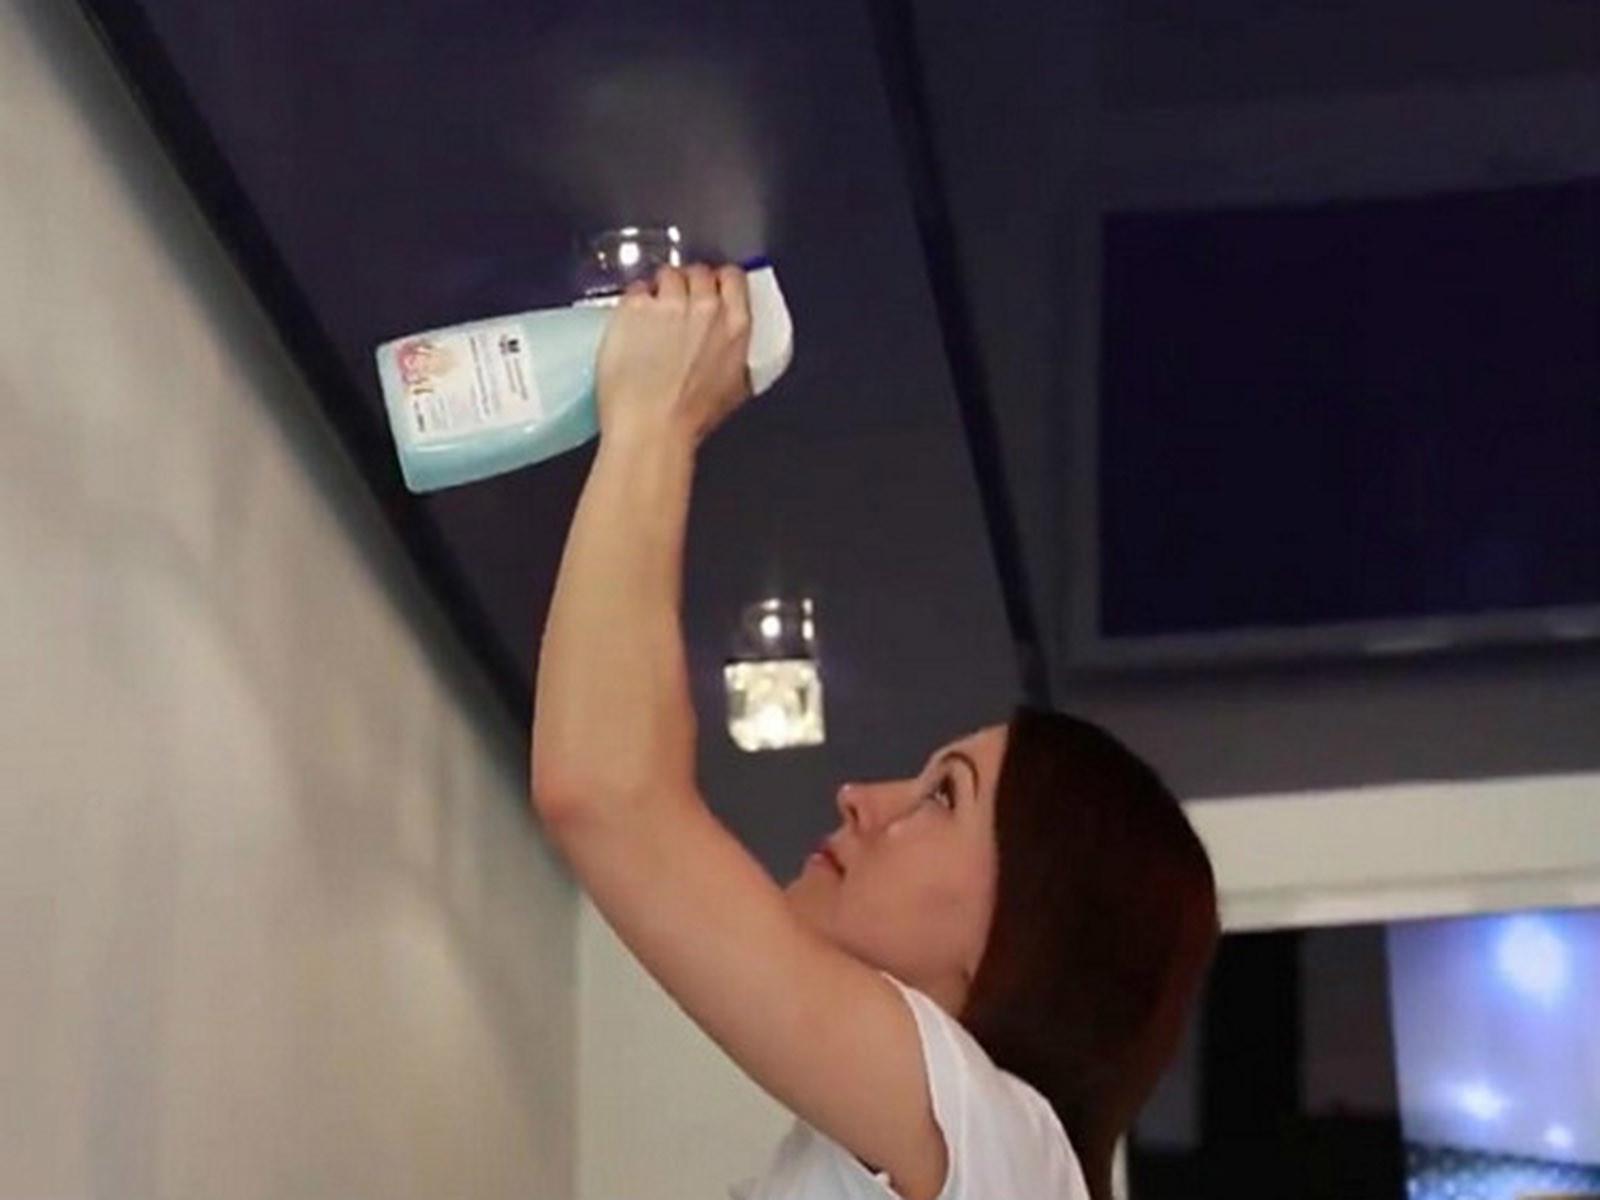 Приводим натяжной потолок в доме в порядок своими руками